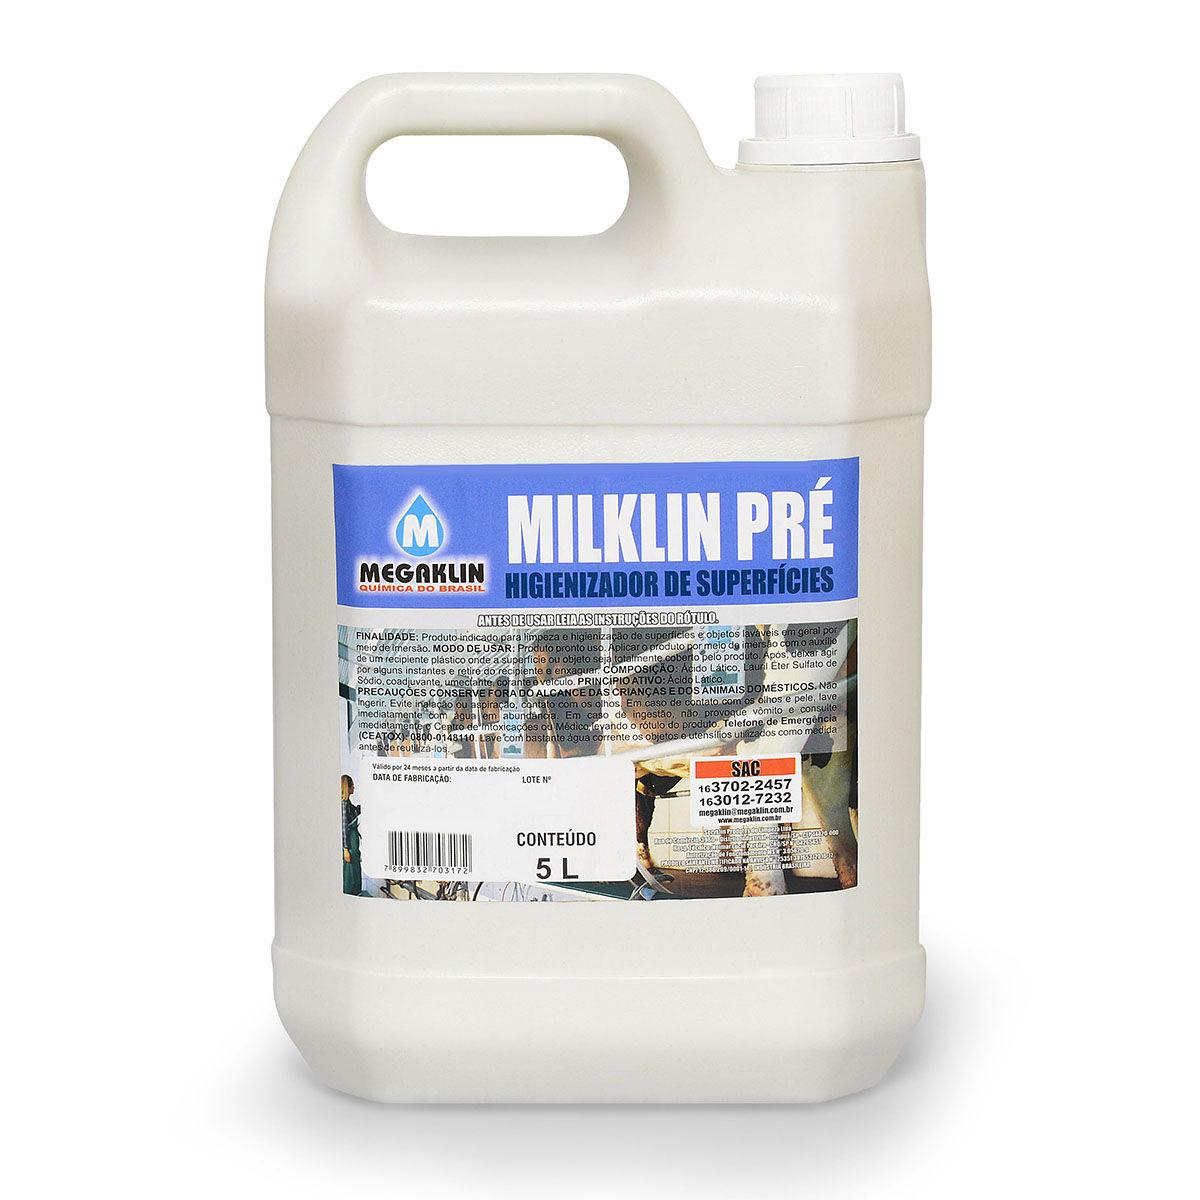 Higienizador de Superfícies Milklinpré Megaklin